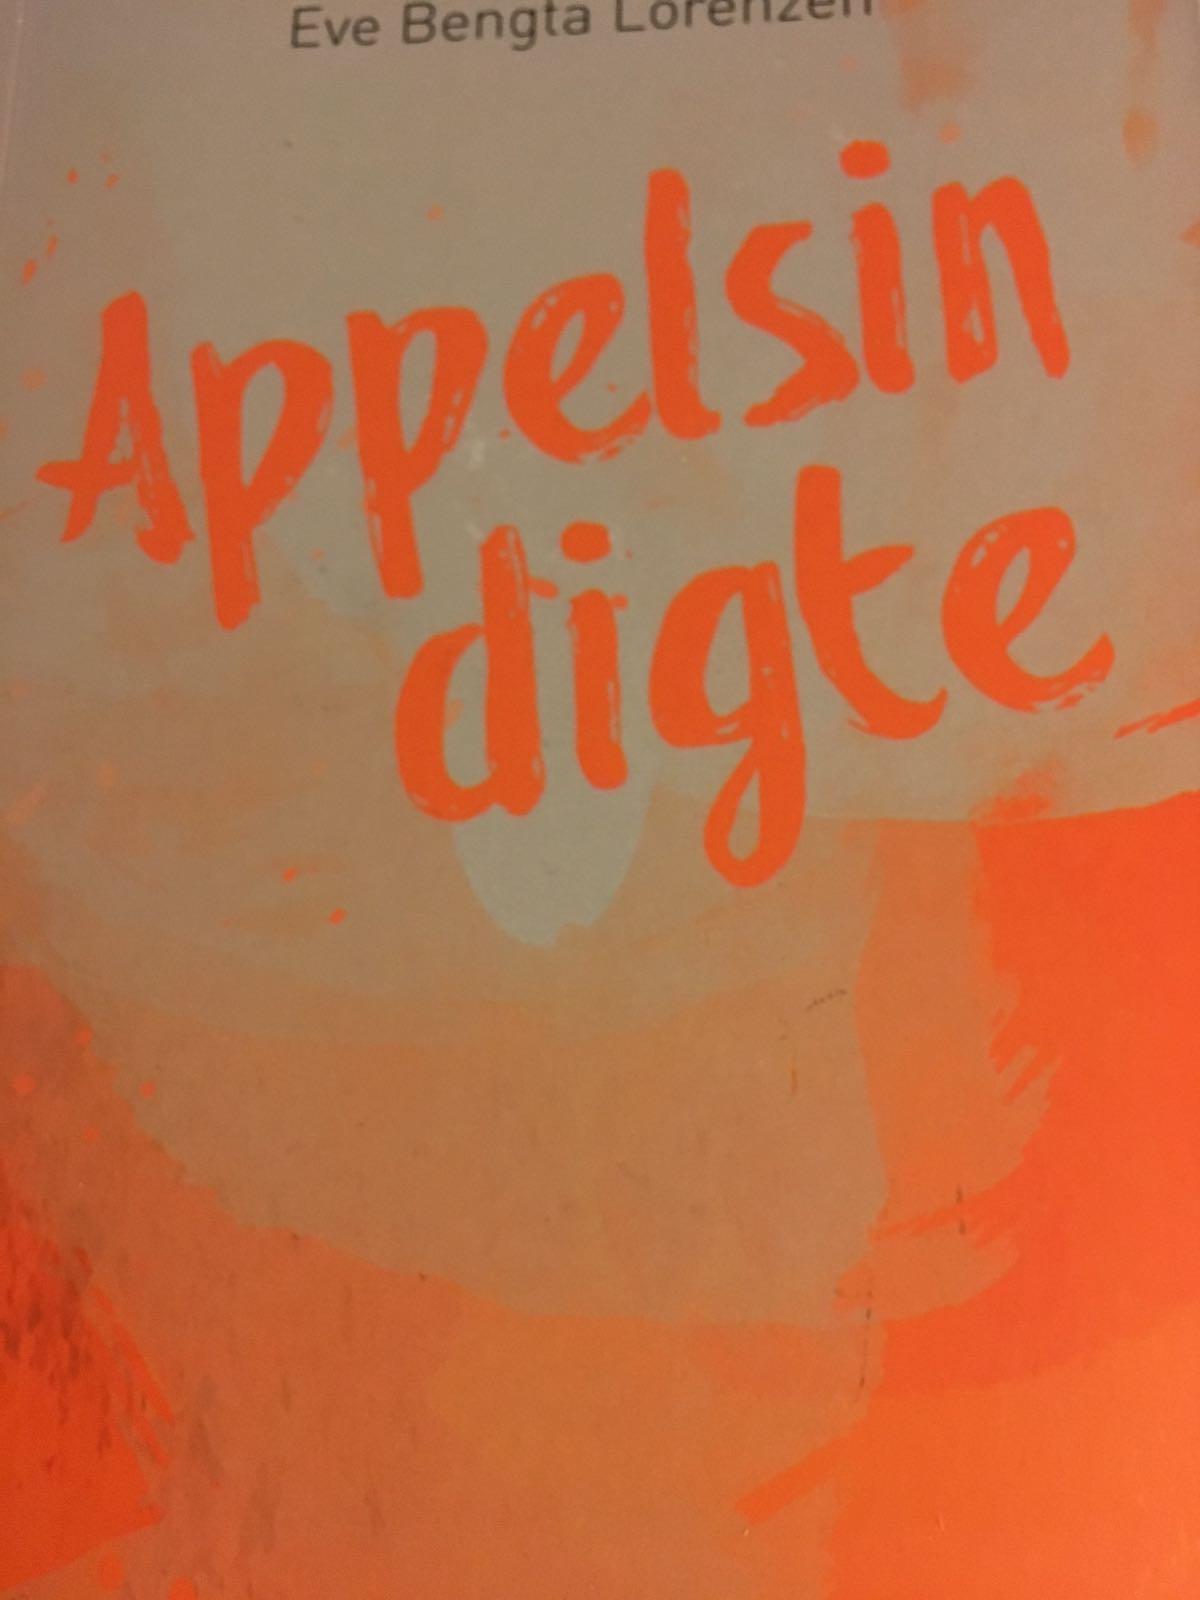 Appelsindigte af Eve Bengta Lorenzen